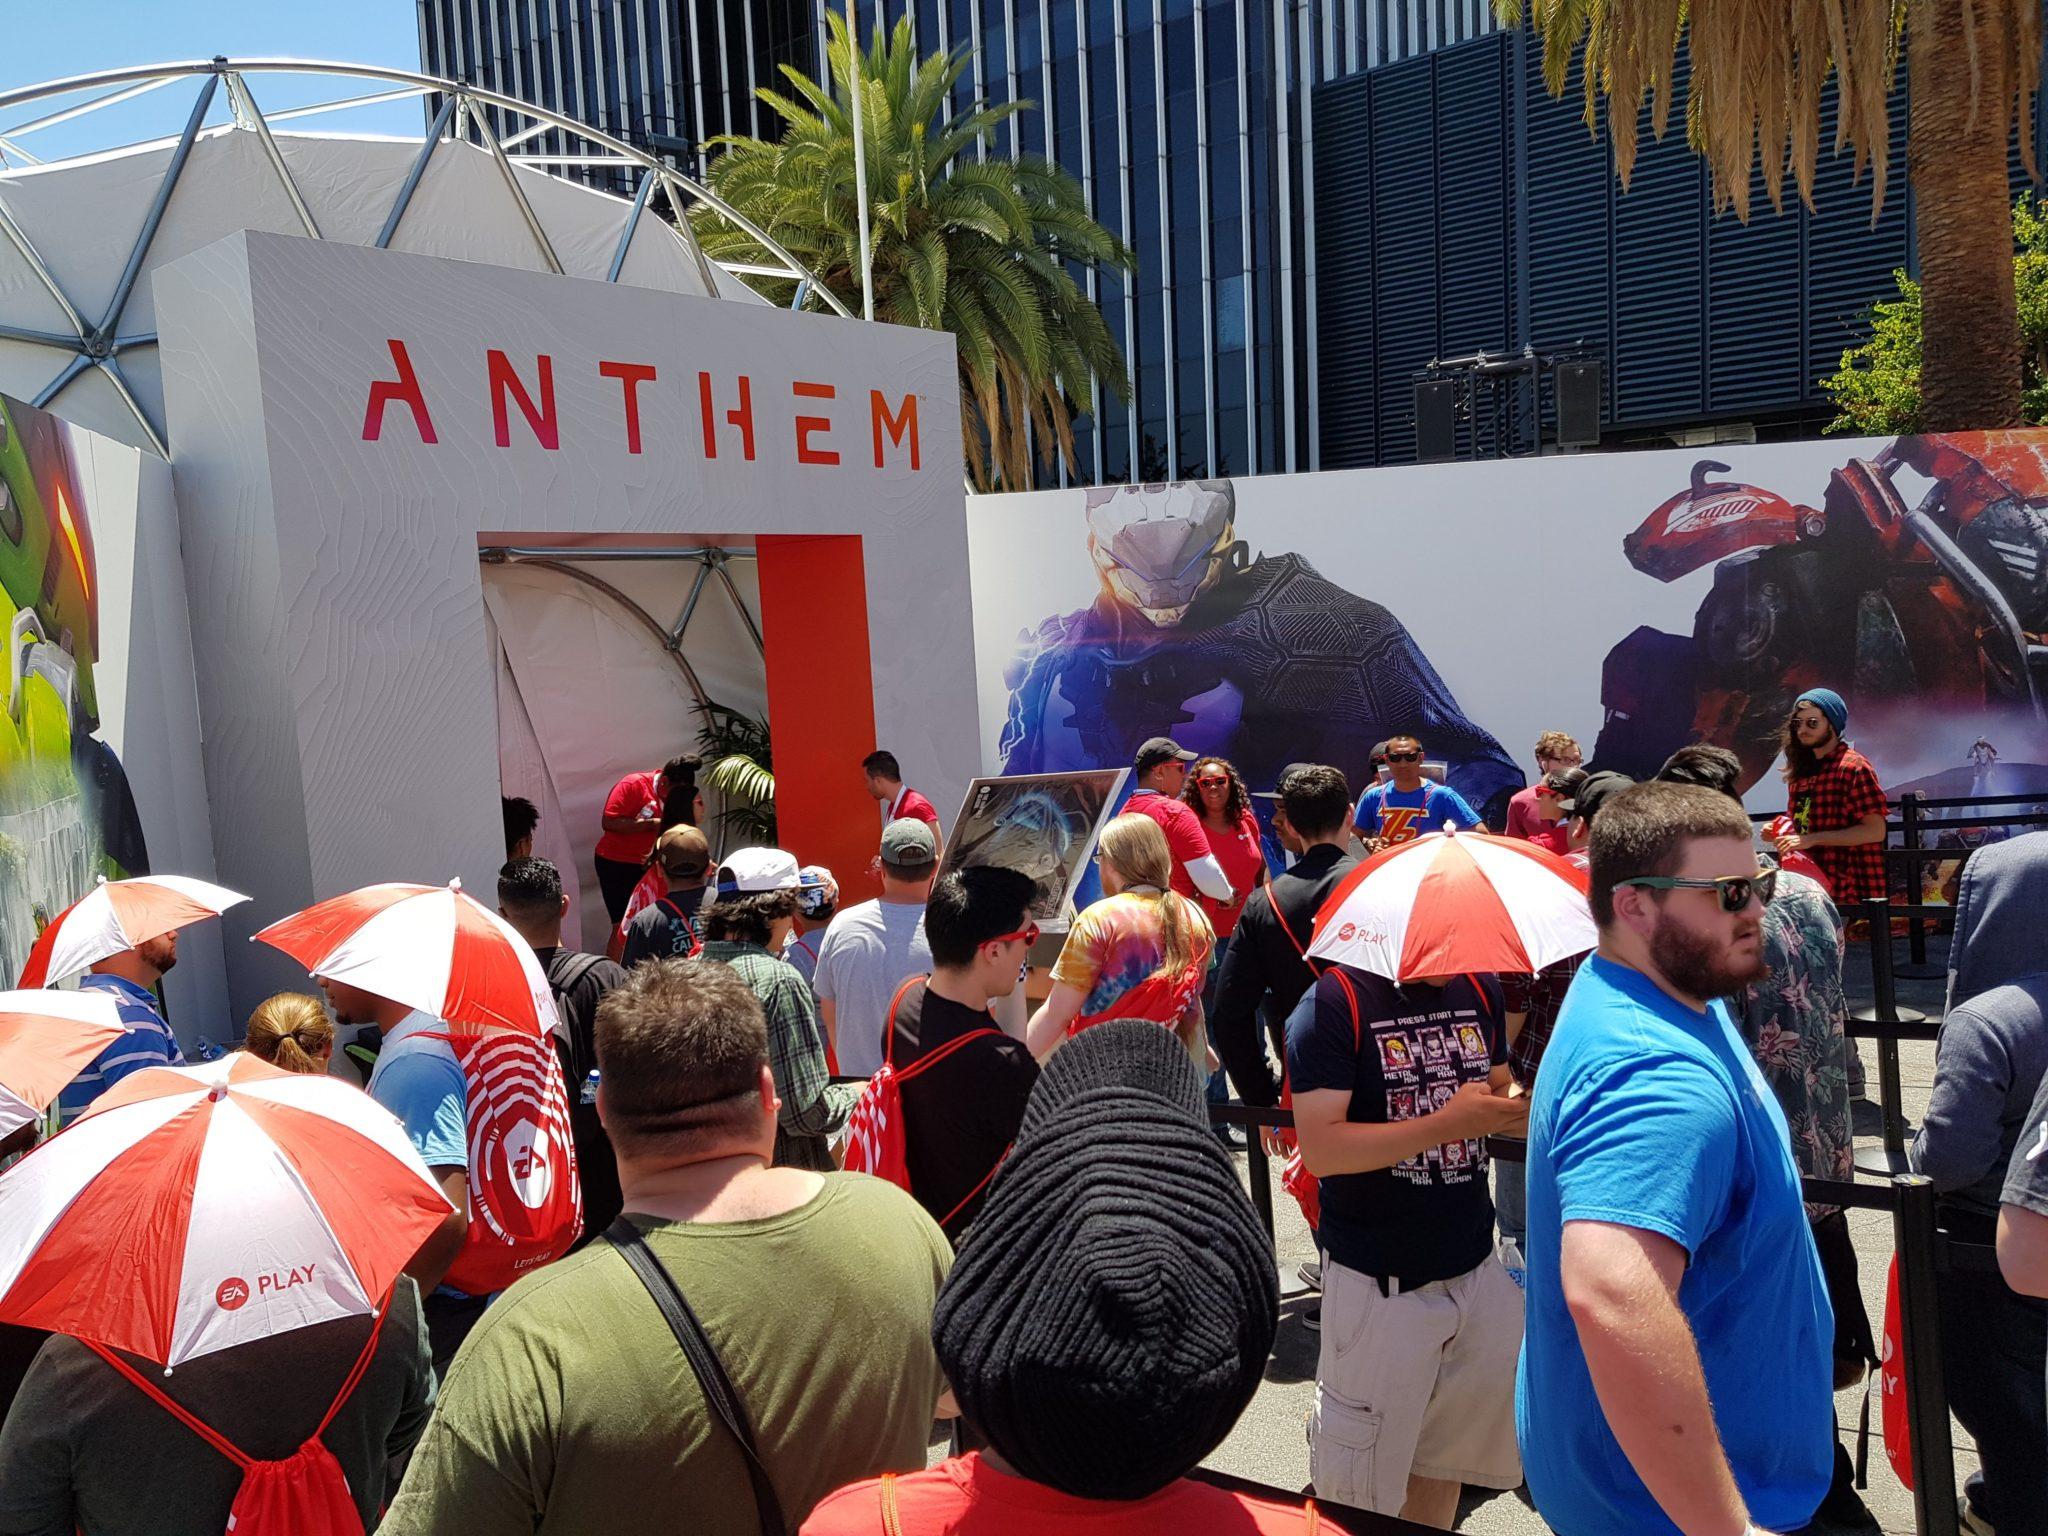 Le jeu Anthem a eu un succès monstrueux sur le stand EA Play !